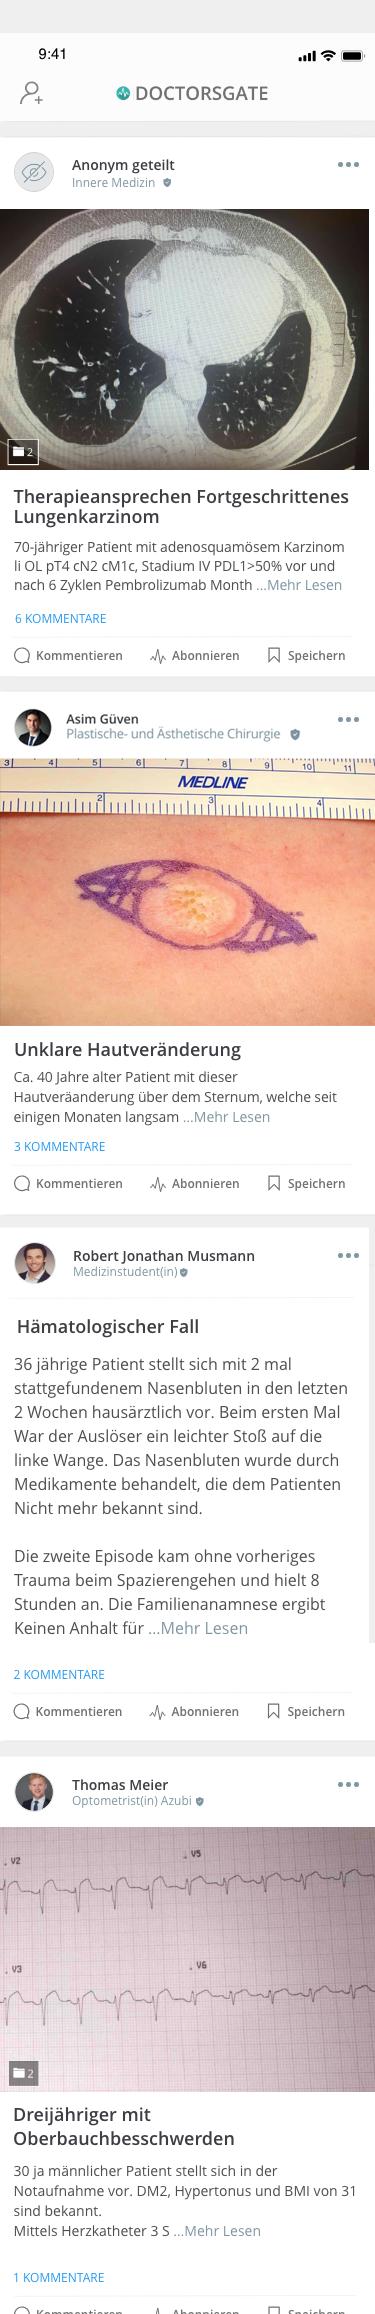 Doctorsgate app newsfeed slider mit medizinischen Fällen